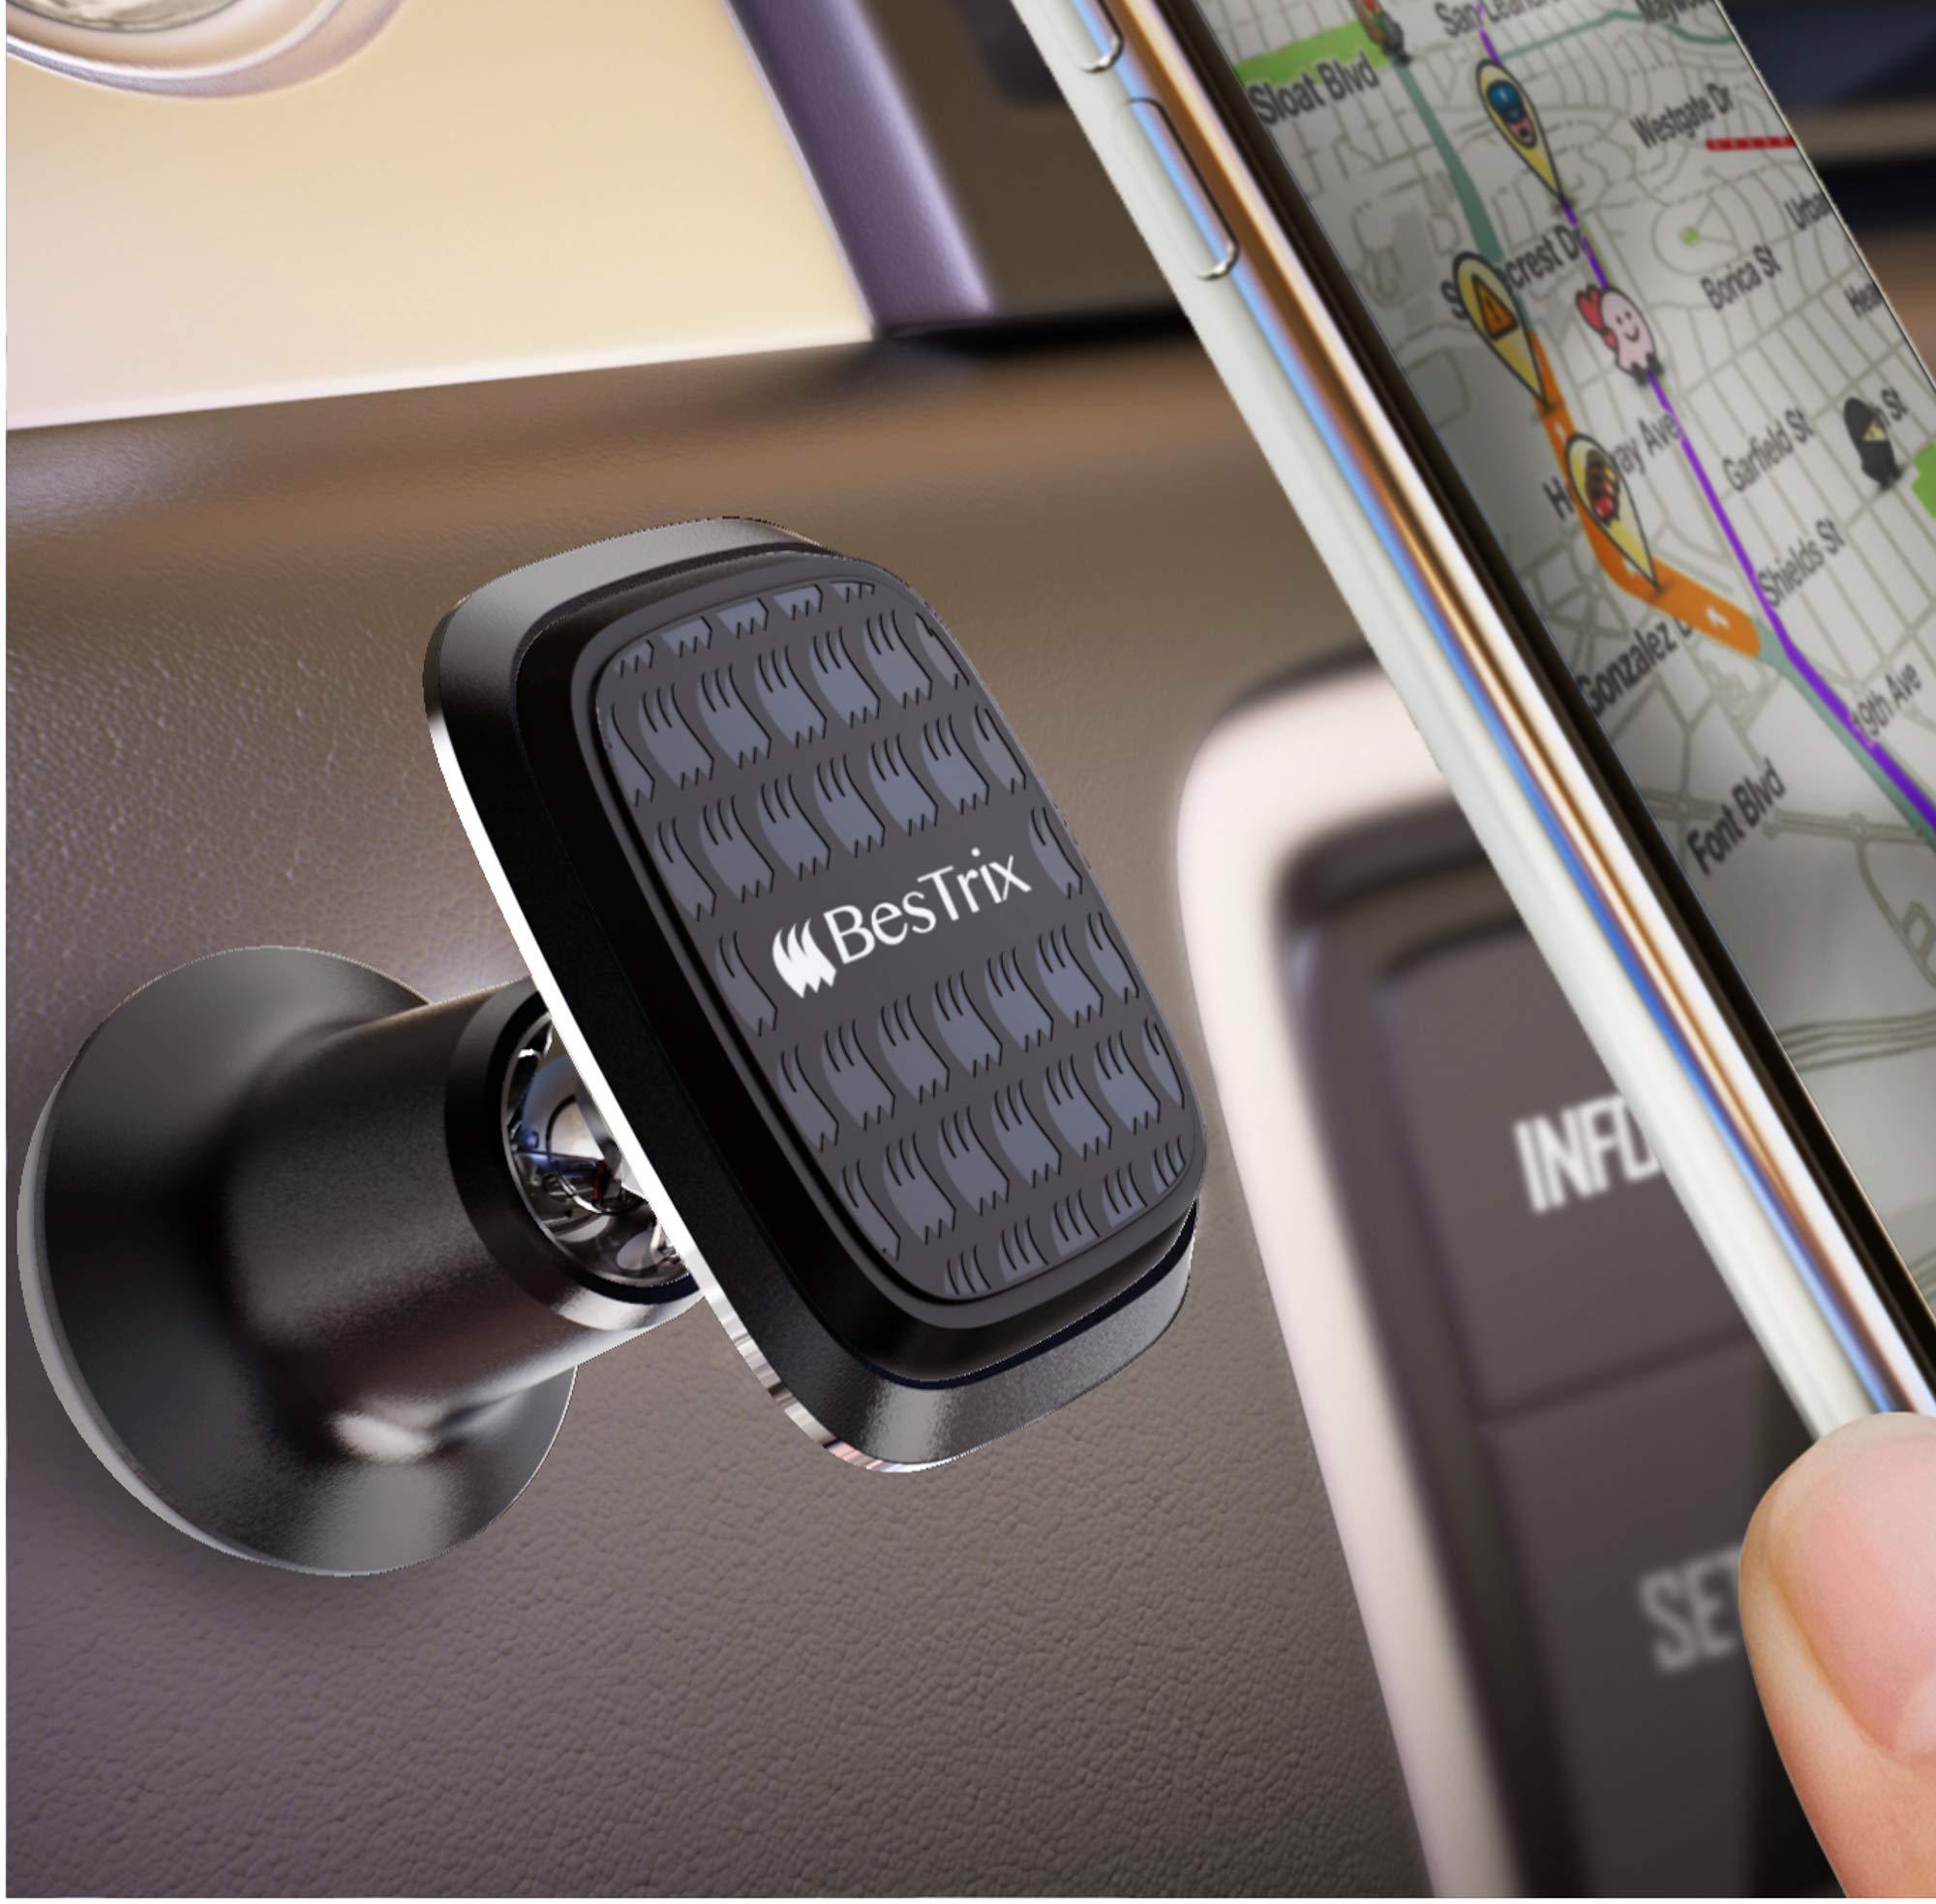 Soporte Celular para Autos Magnetico BESTRIX - 7GWZ9RBY